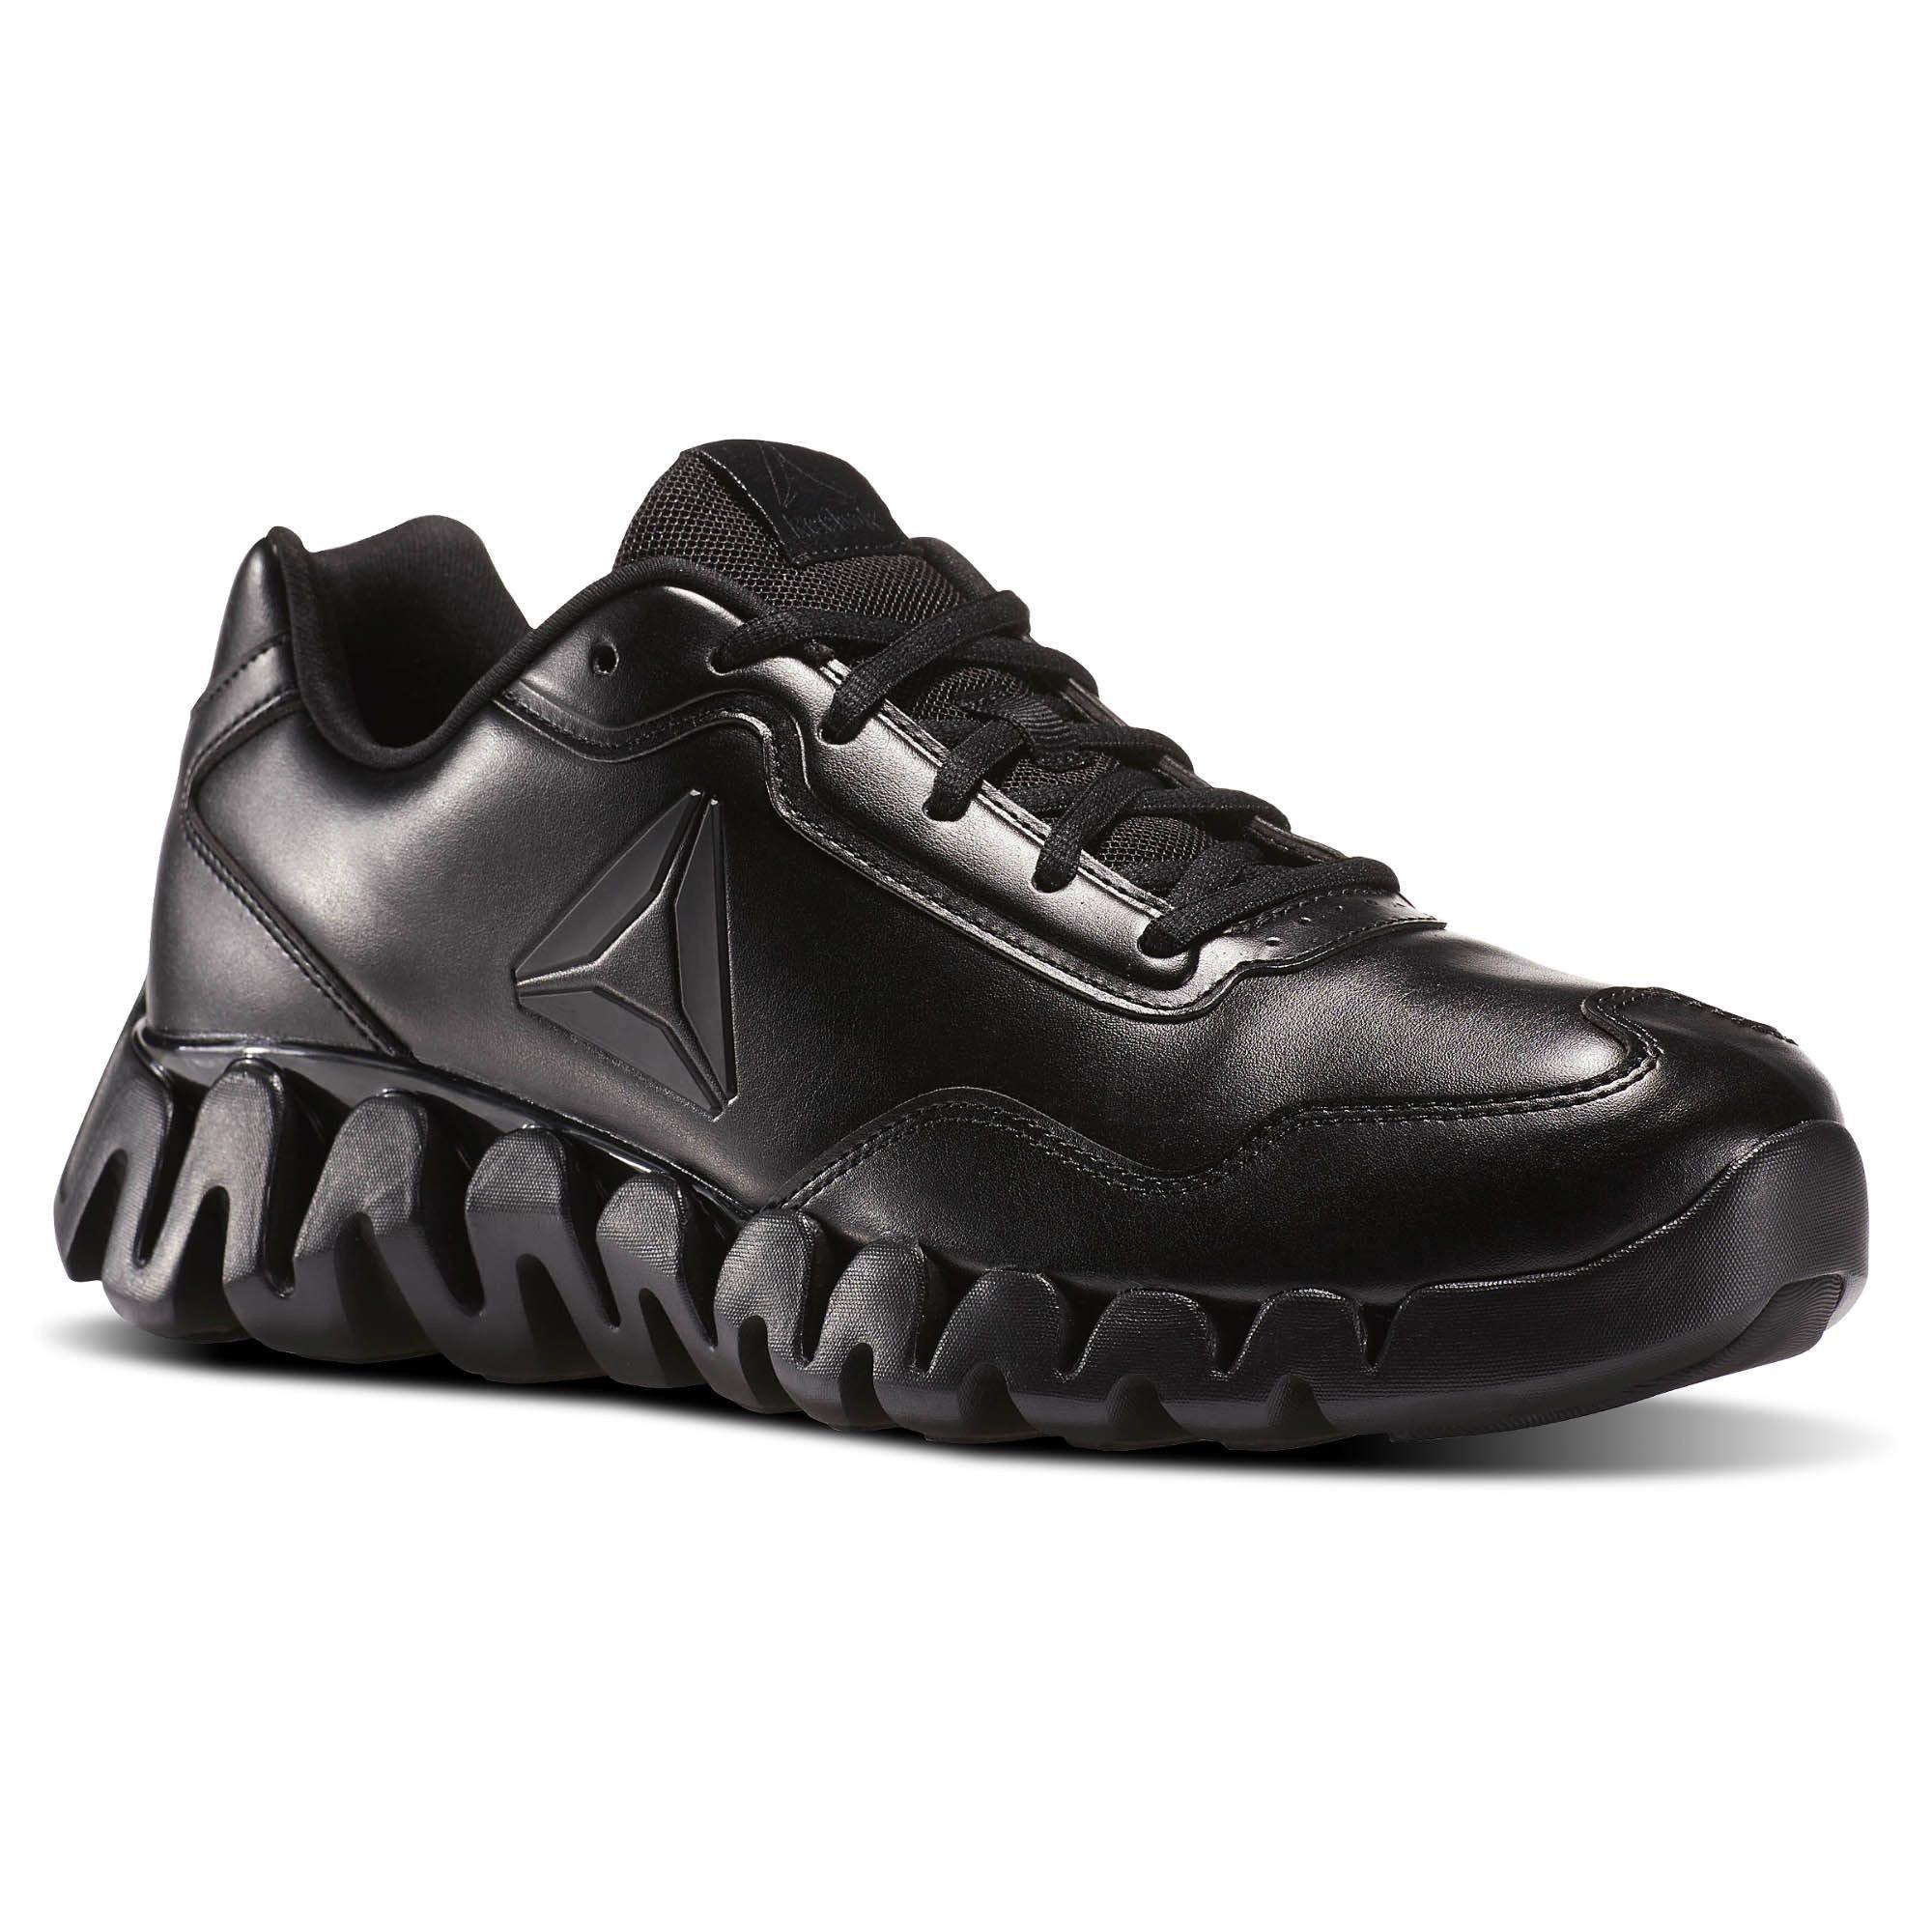 Galleon - Reebok Men s Zig Pulse Running Shoe 2983465a7